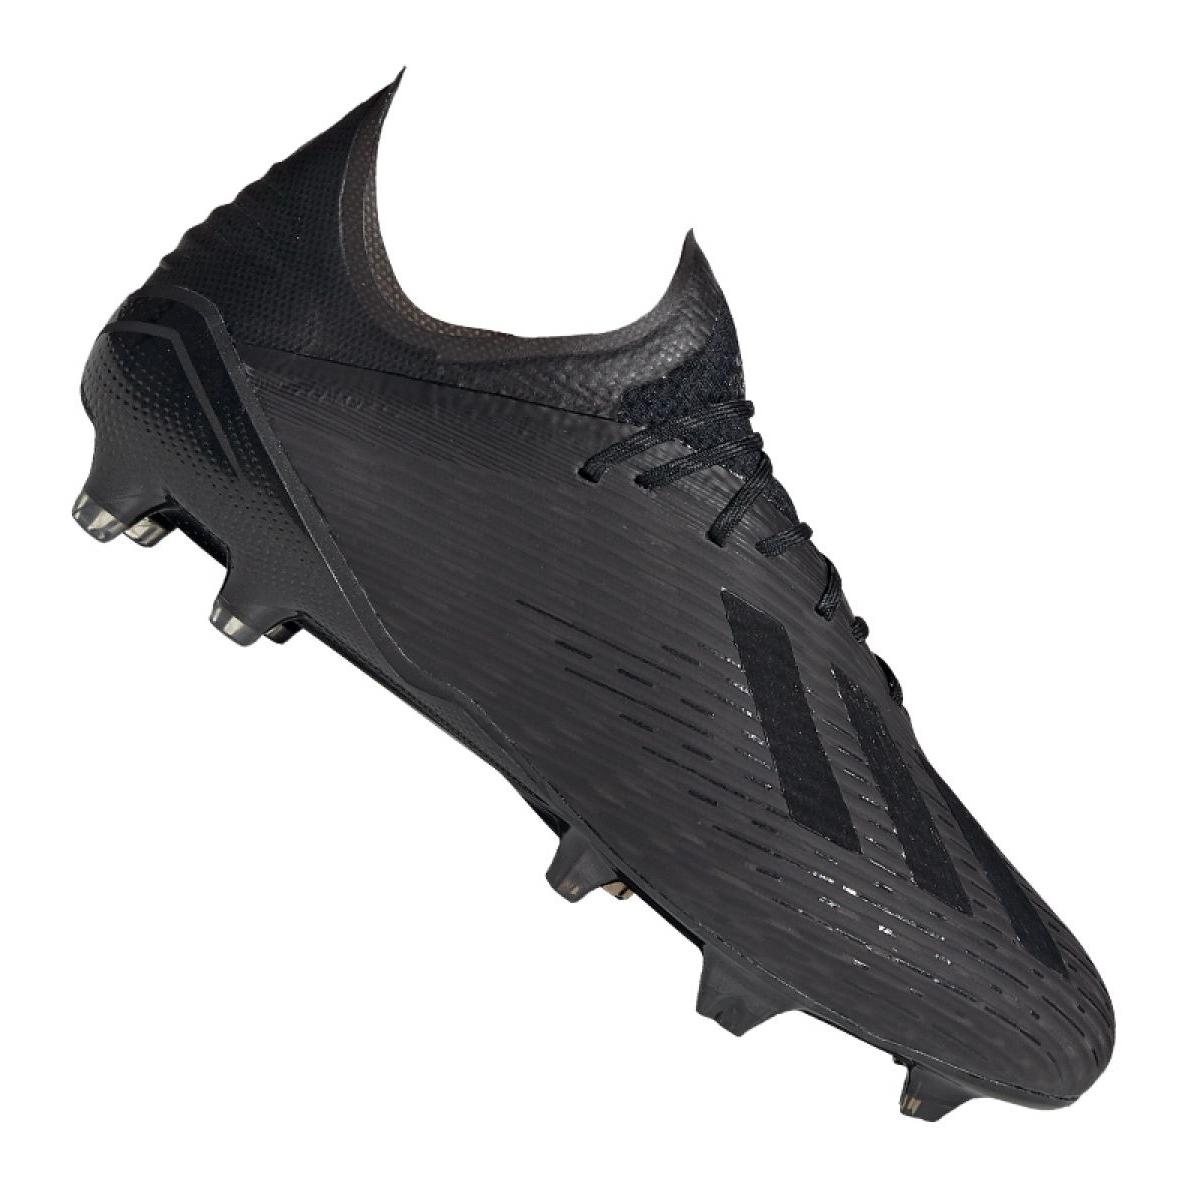 Fodboldsko adidas X 19.1 Fg M F35314